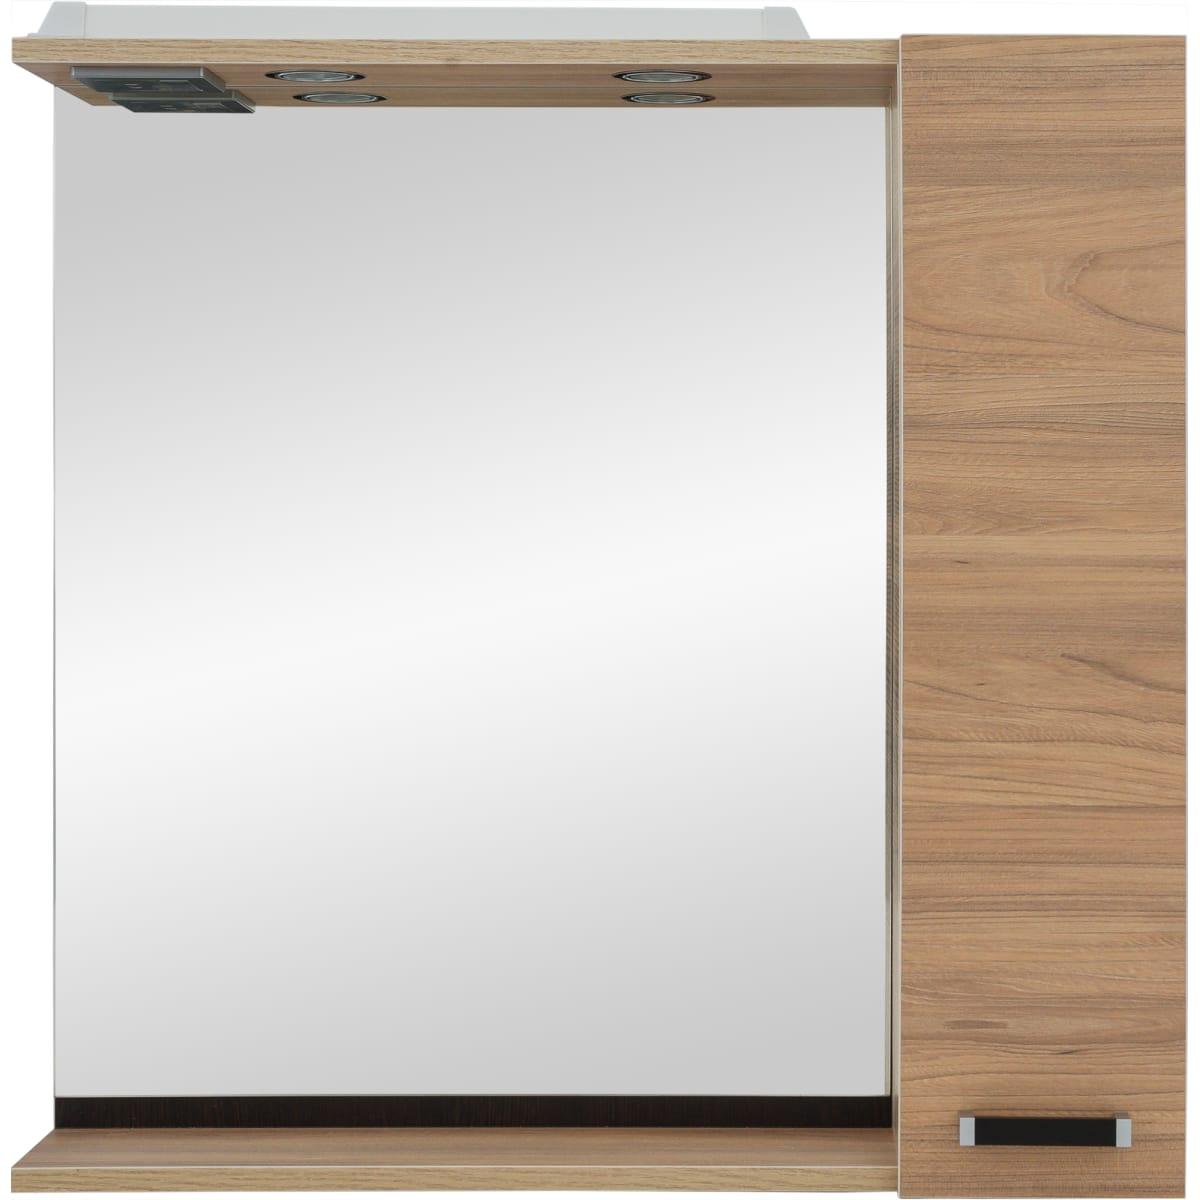 Шкаф зеркальный «Торонто» 75 см, цвет швейцарский вяз